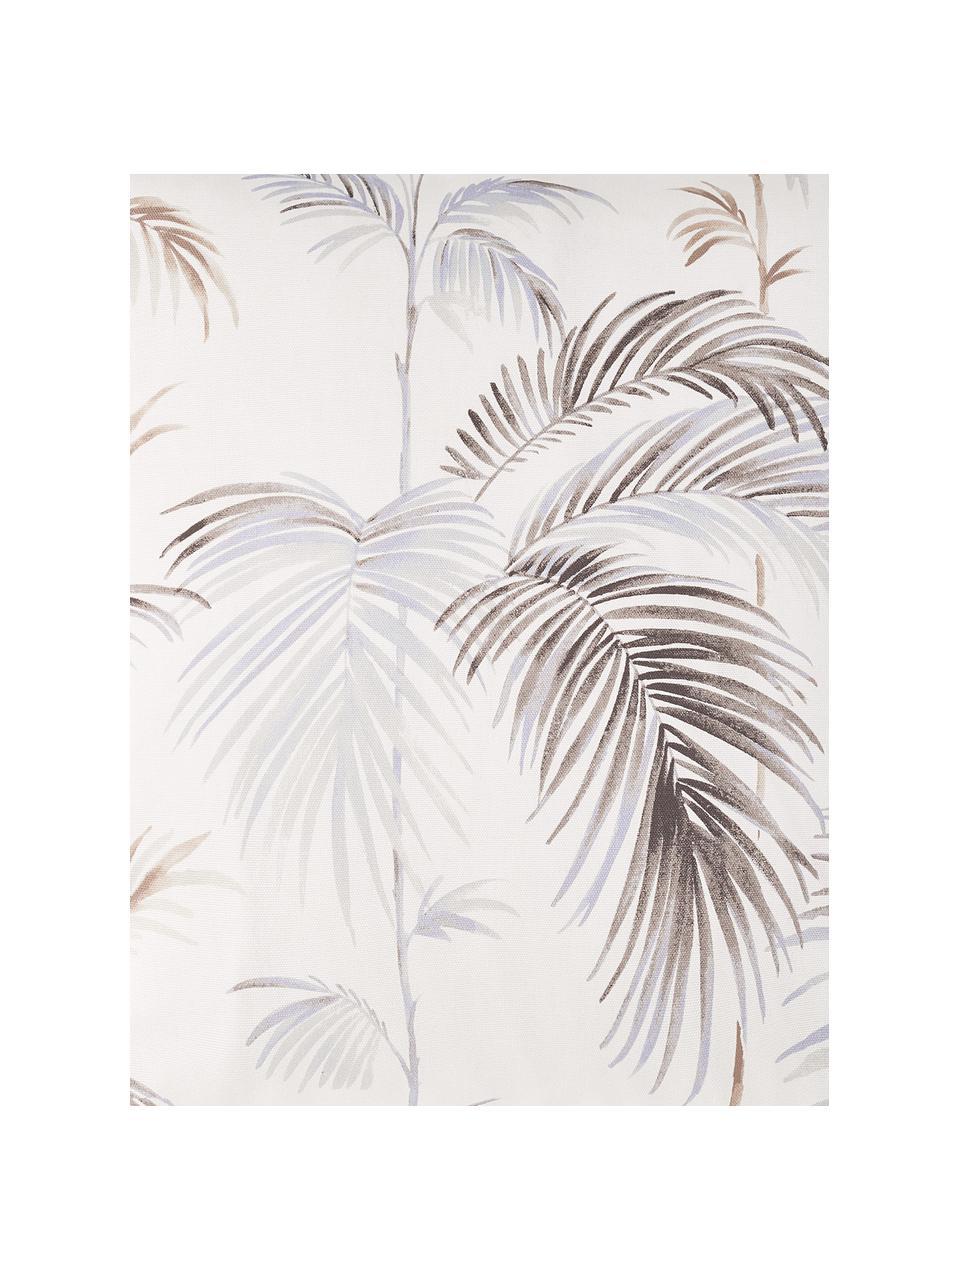 Federa arredo con motivo tropicale Sahara, 100% cotone, Bianco, marrone, azzurro, Larg. 40 x Lung. 40 cm